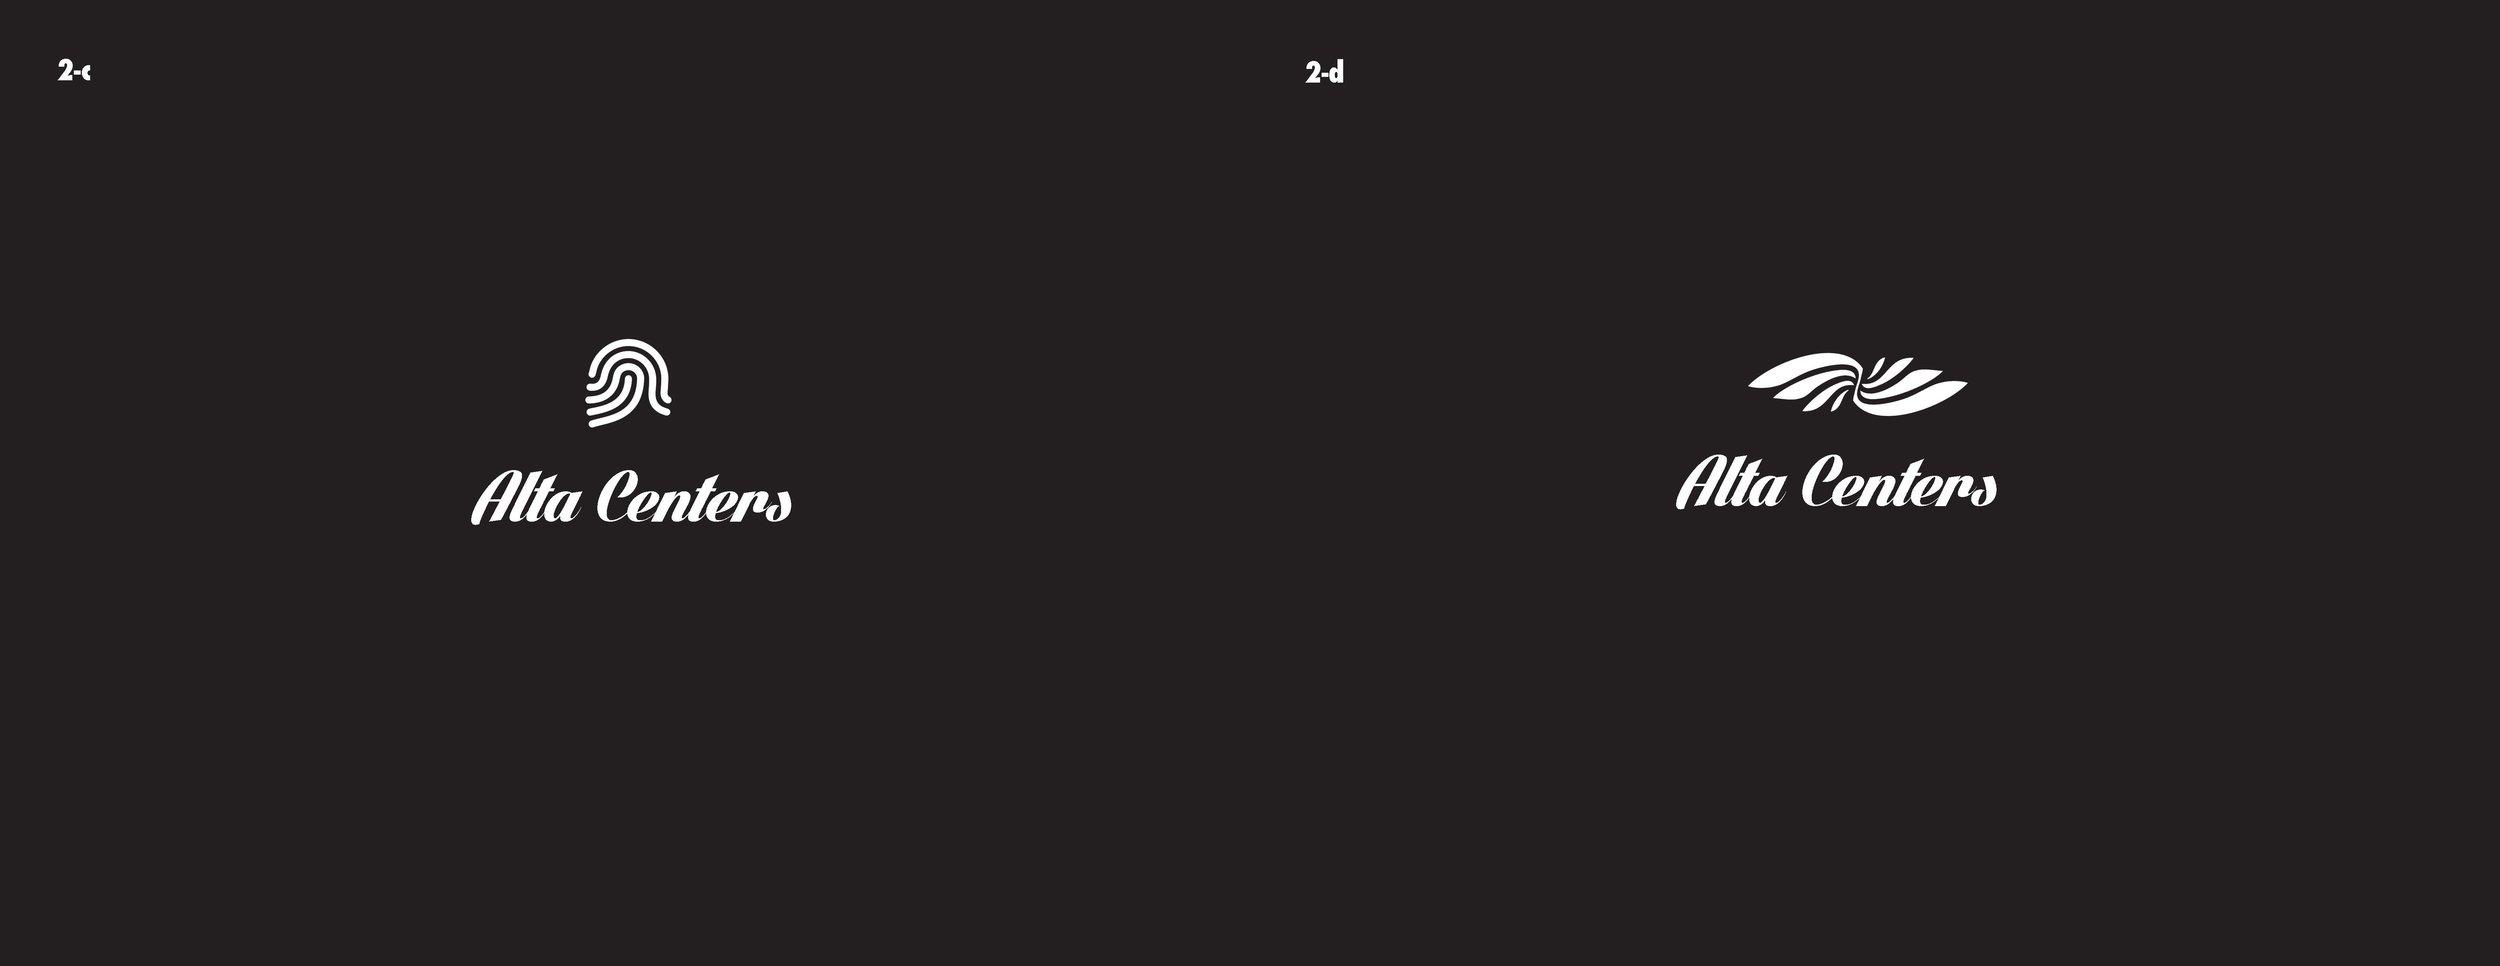 AltaFont-Logo OptionsV4_Page_04.jpg